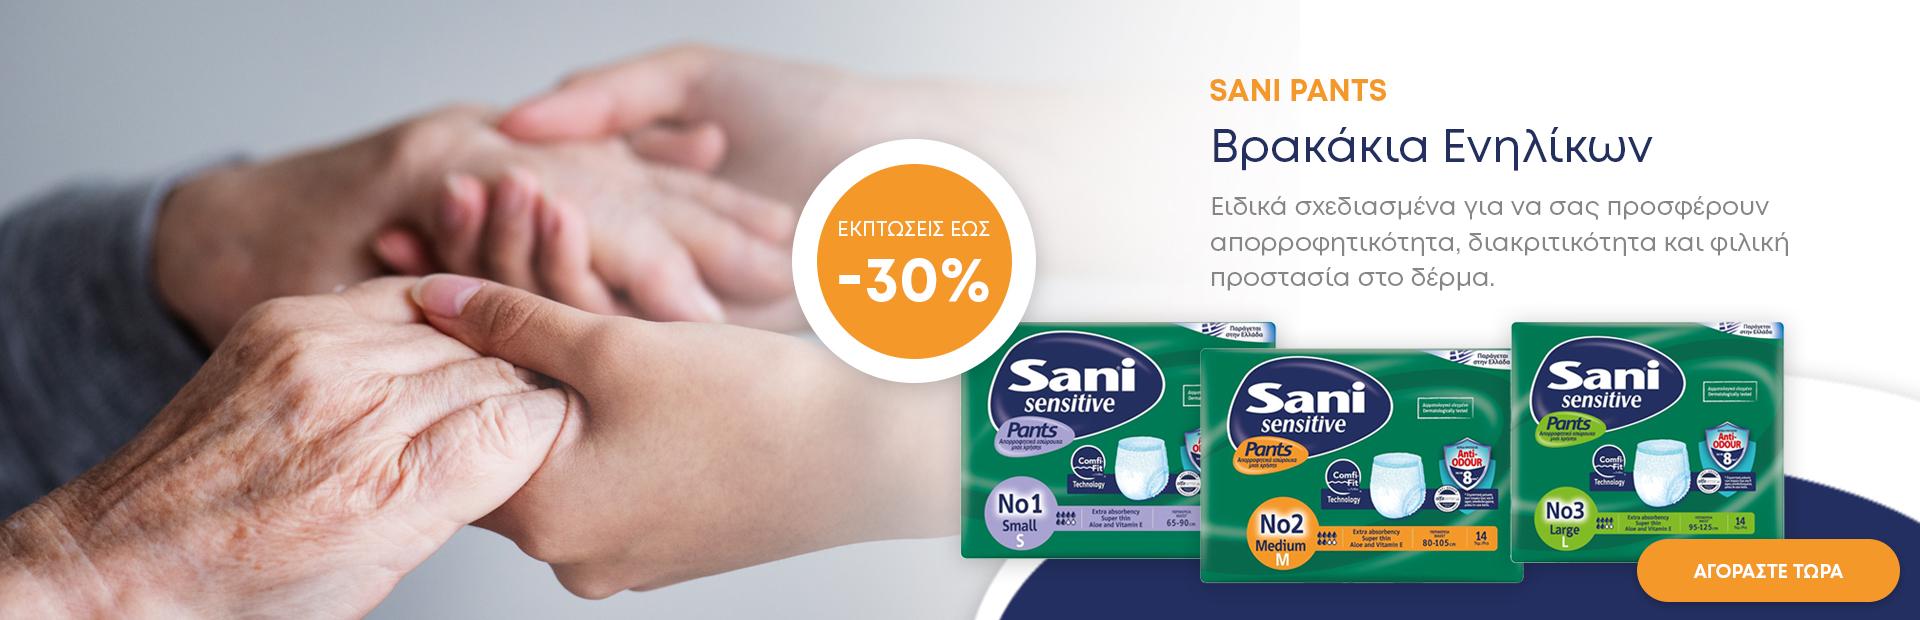 Sani Pants